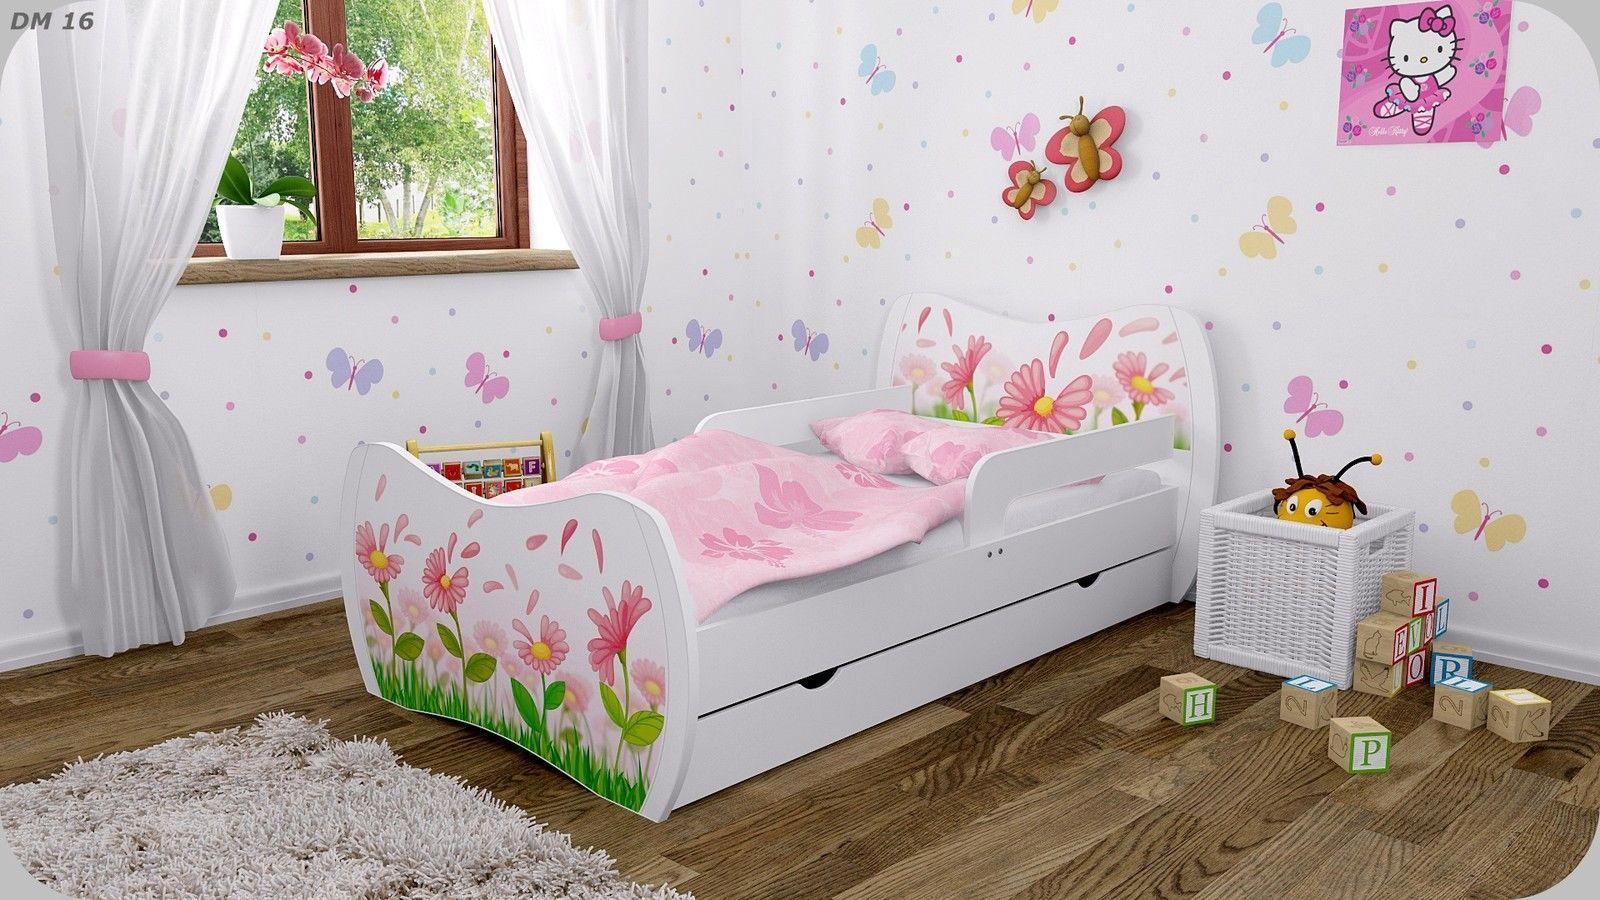 Full Size of Kinderbett Mädchen Dm Weiss Mit Matratze Bettkasten Und Lattenrost Bett Betten Wohnzimmer Kinderbett Mädchen